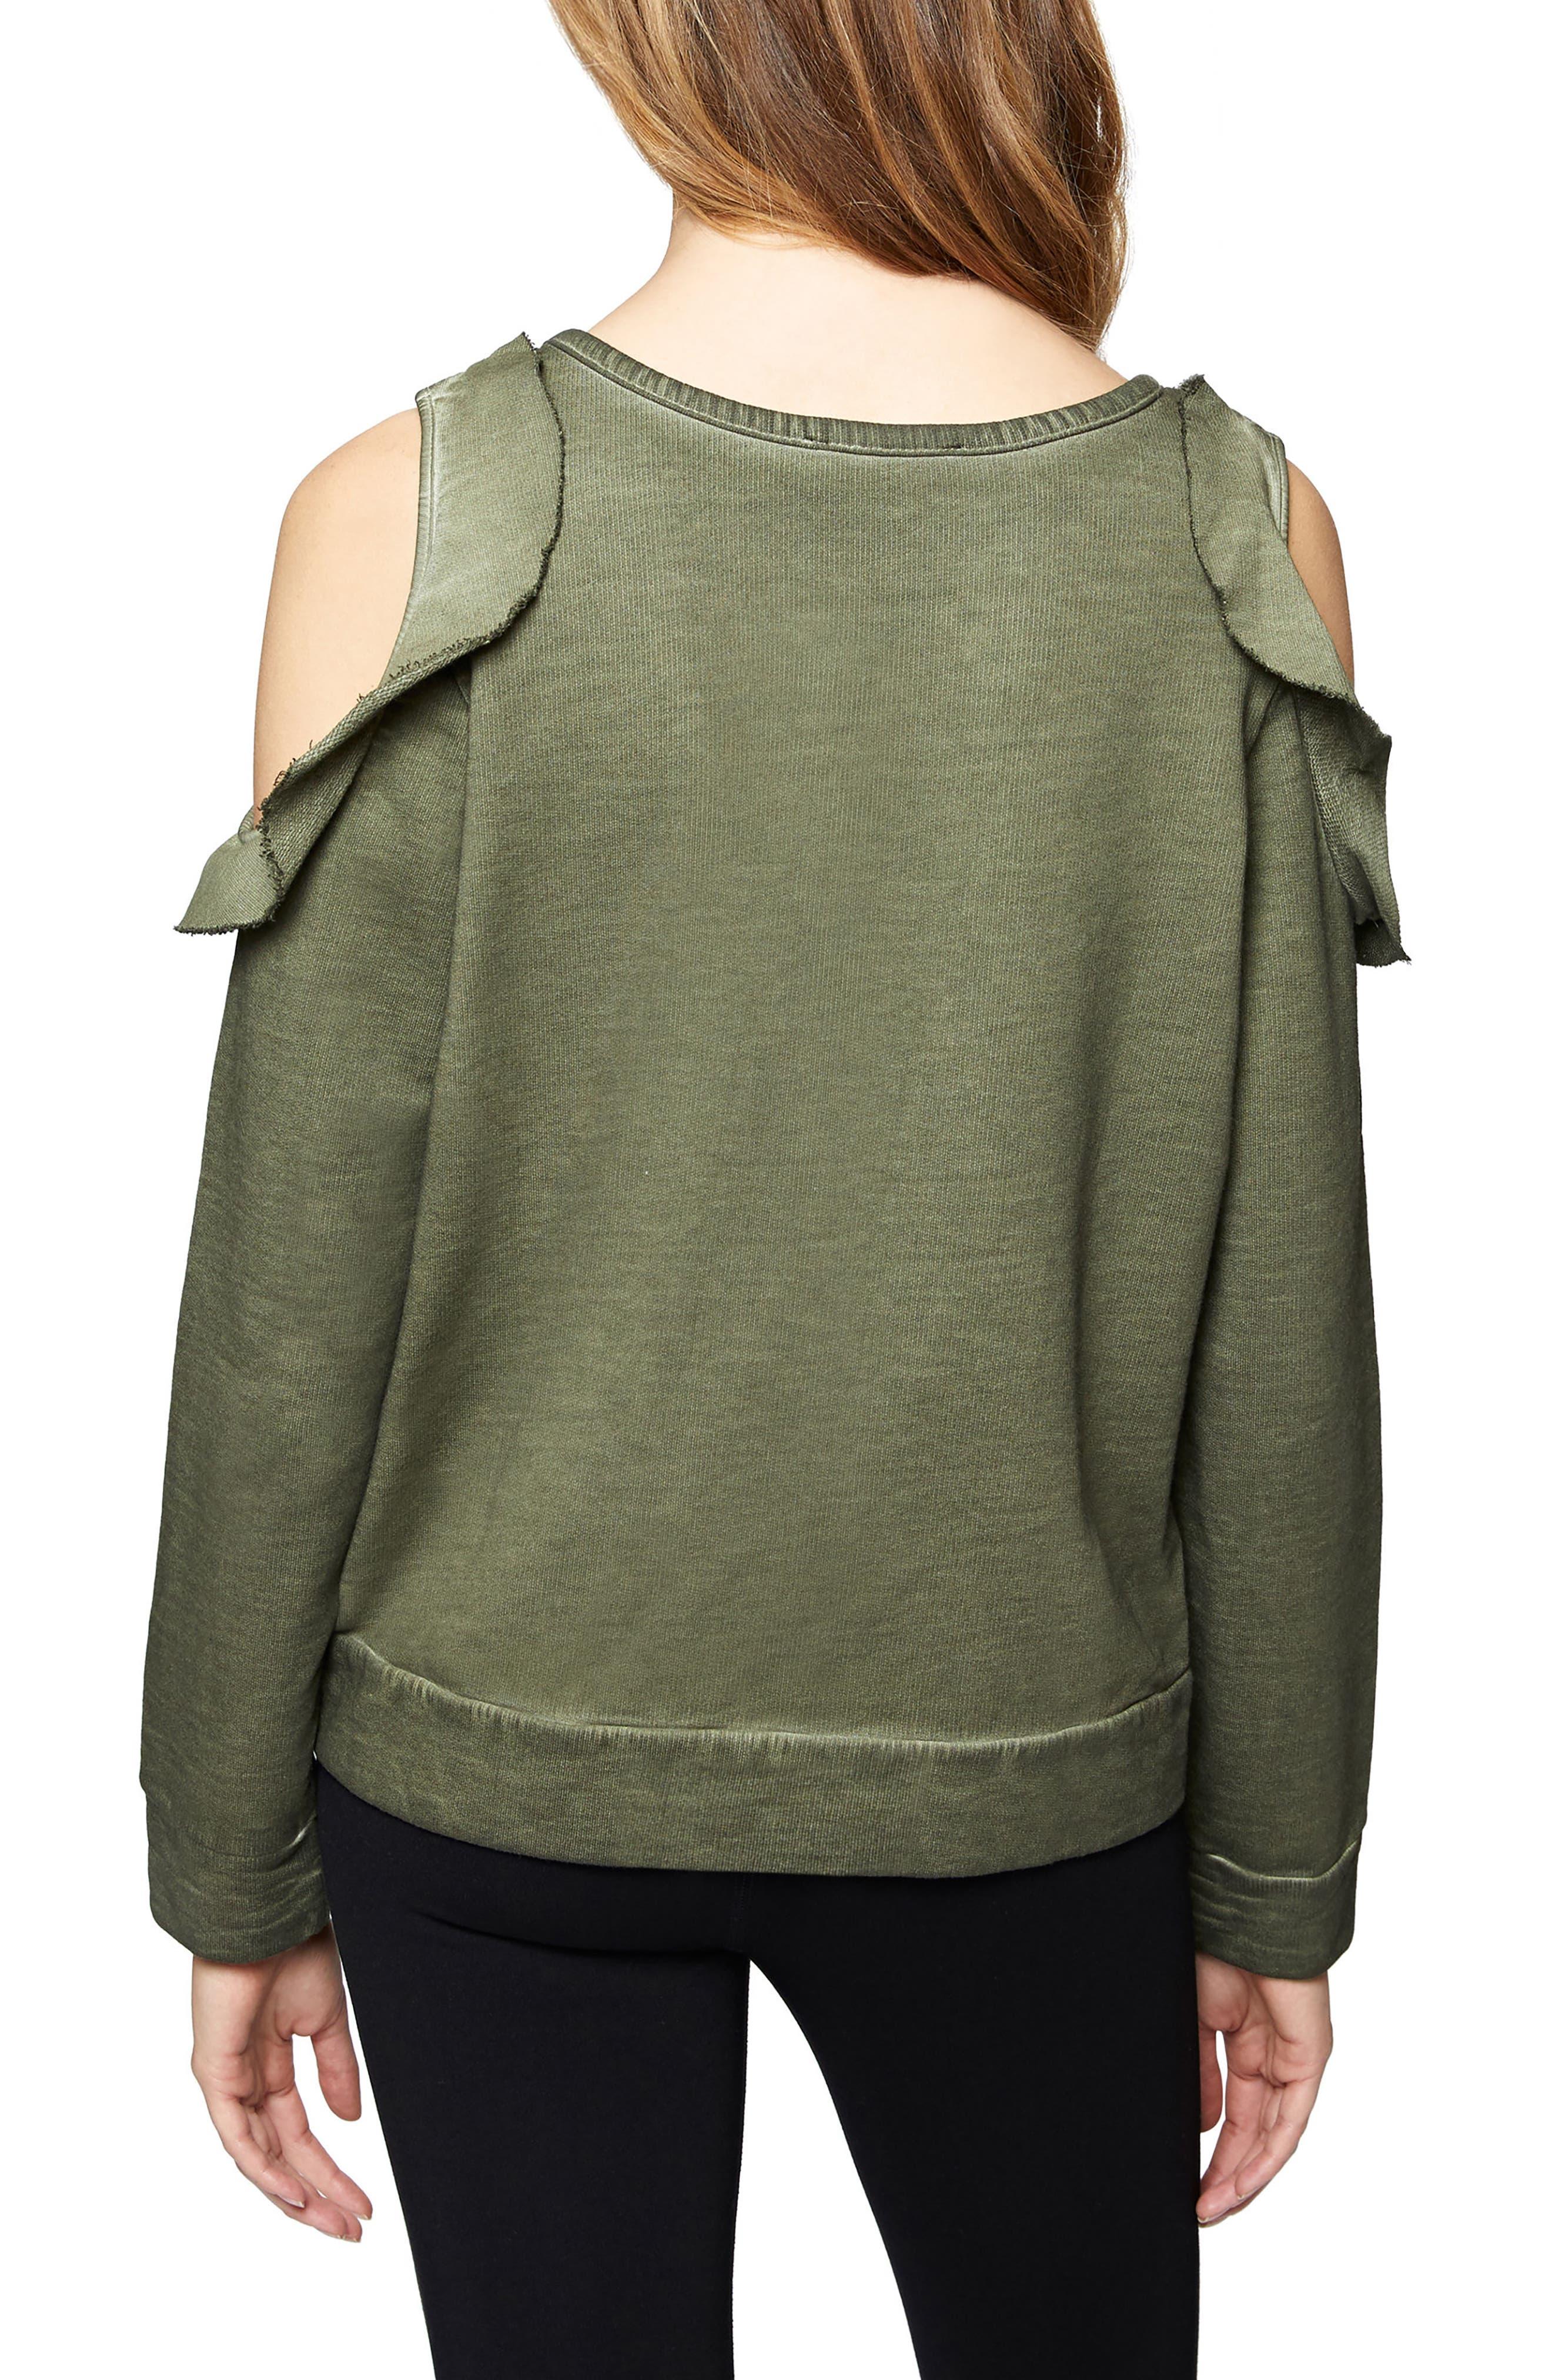 Ashley Bare Ruffle Sweatshirt,                             Alternate thumbnail 2, color,                             301